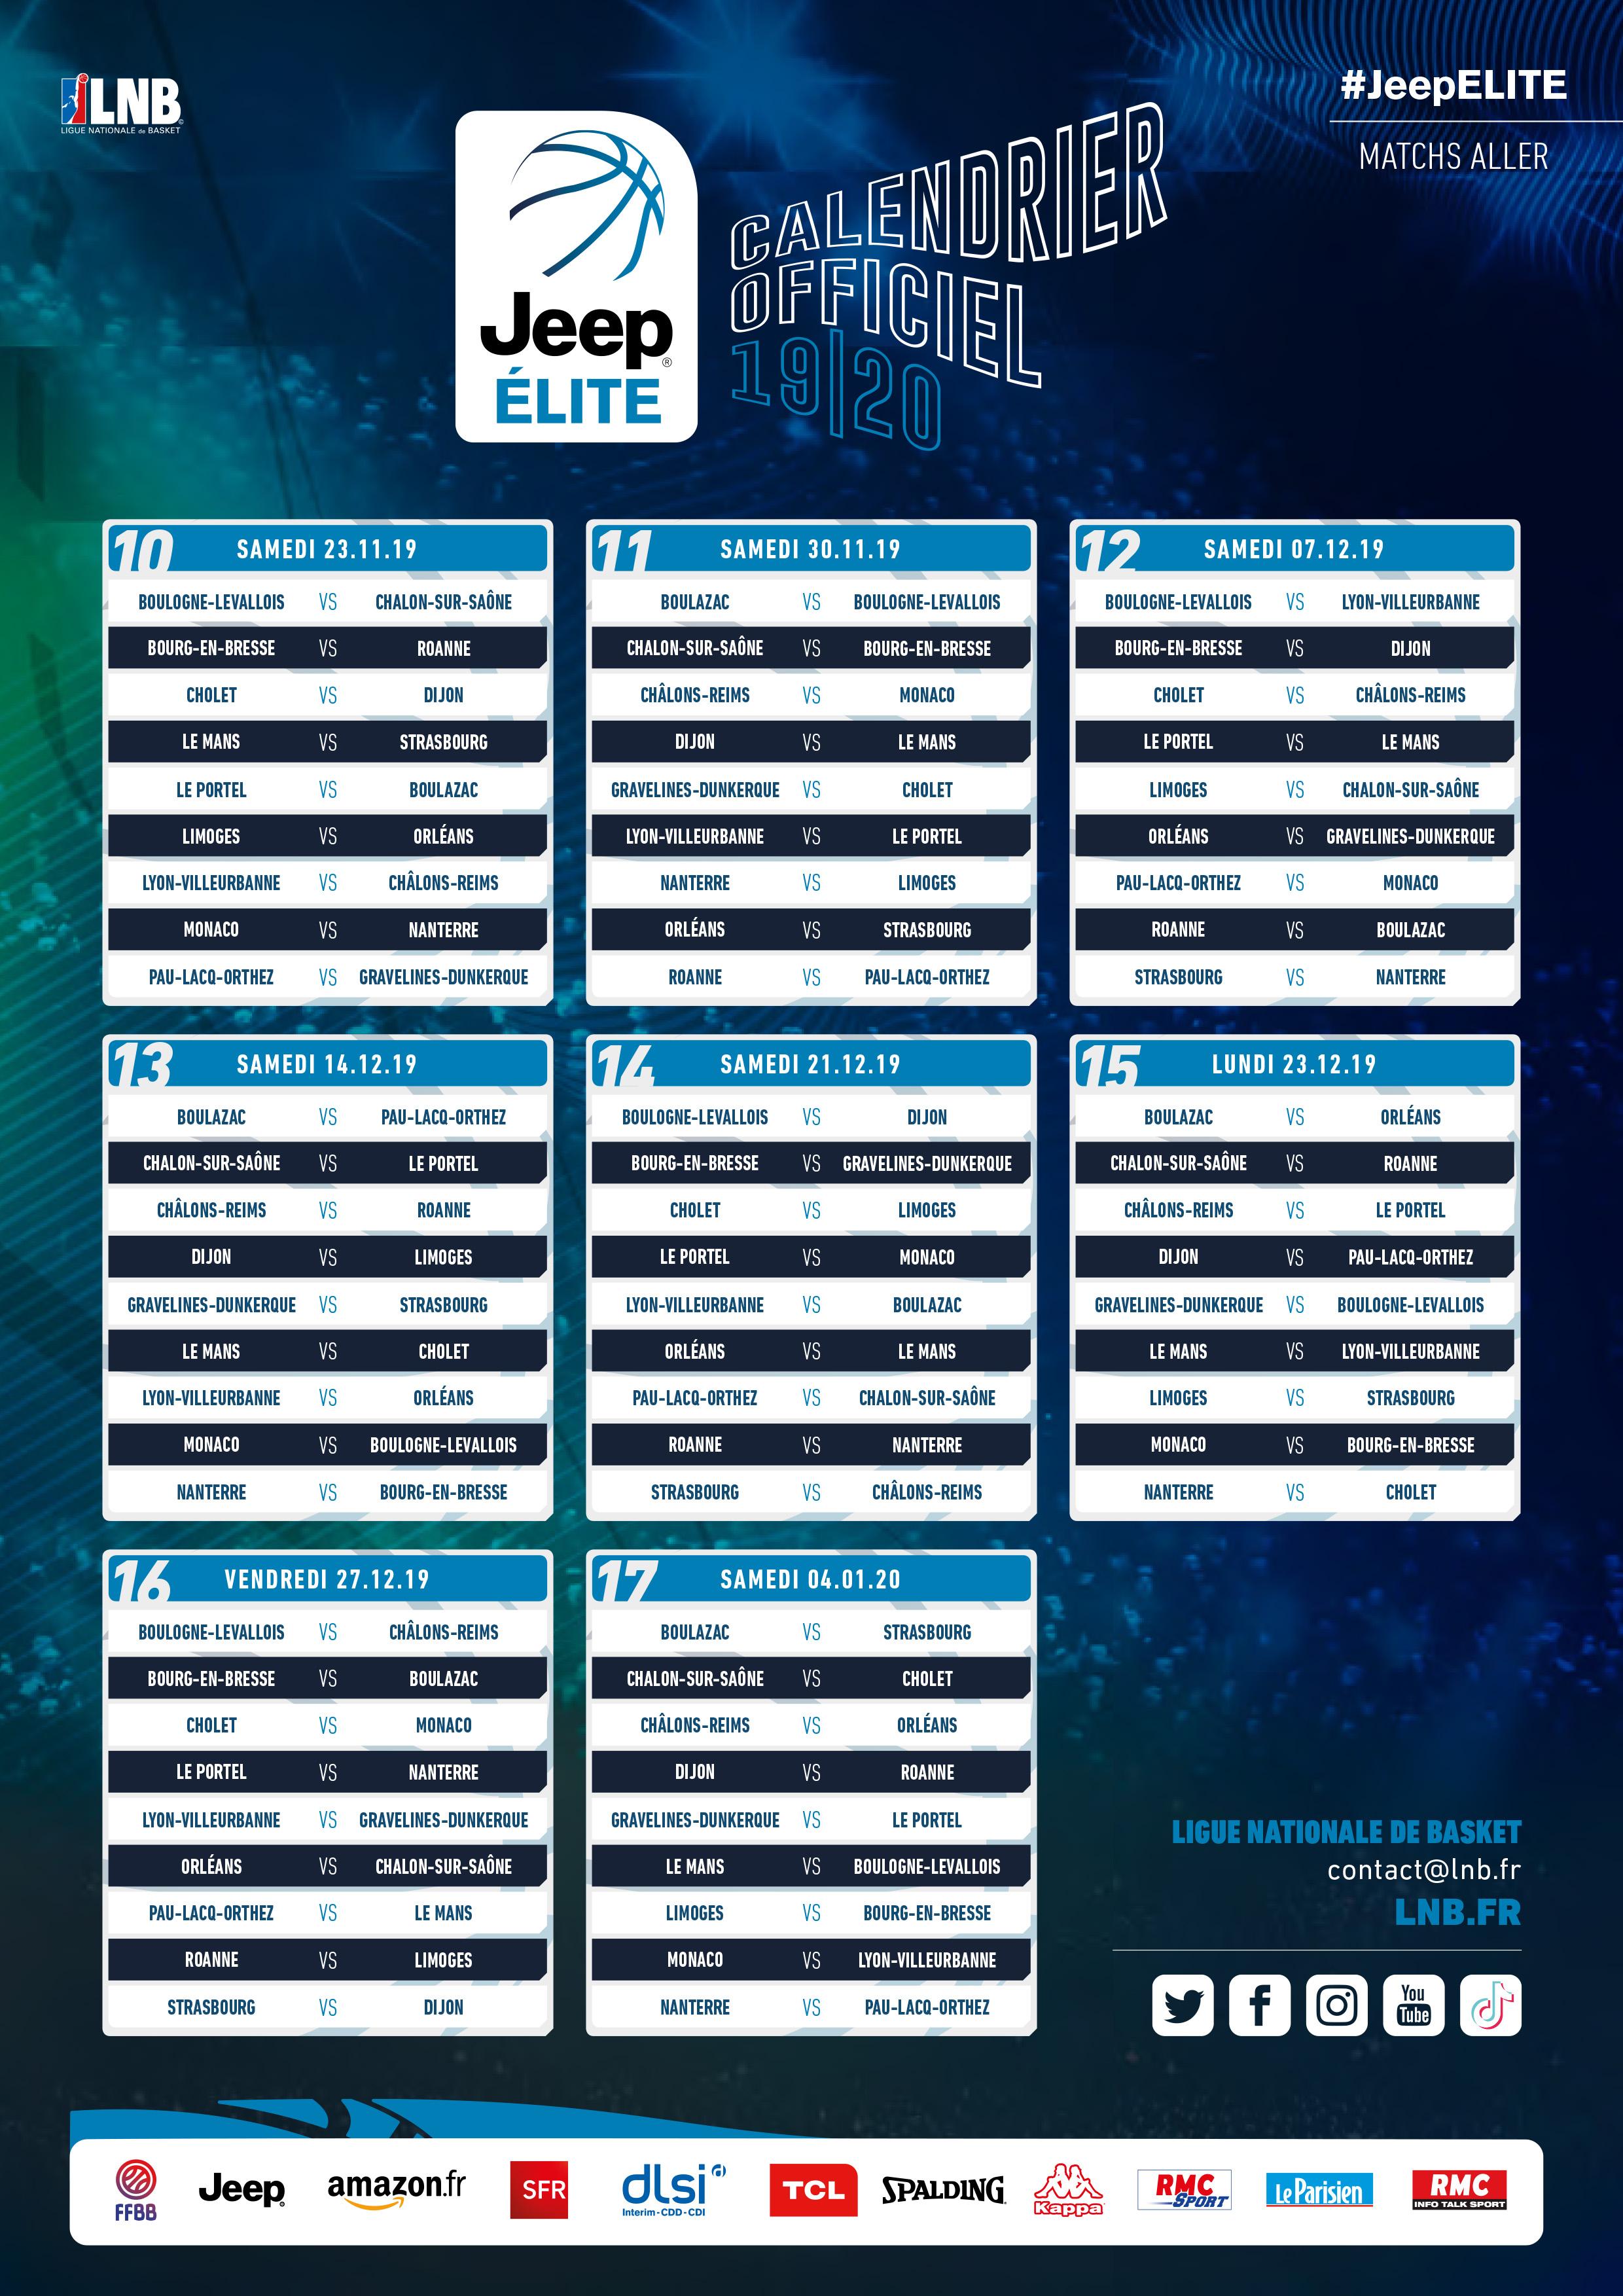 Saison 2019 2020 : Le calendrier Jeep Élite dévoilé | ESSM Le